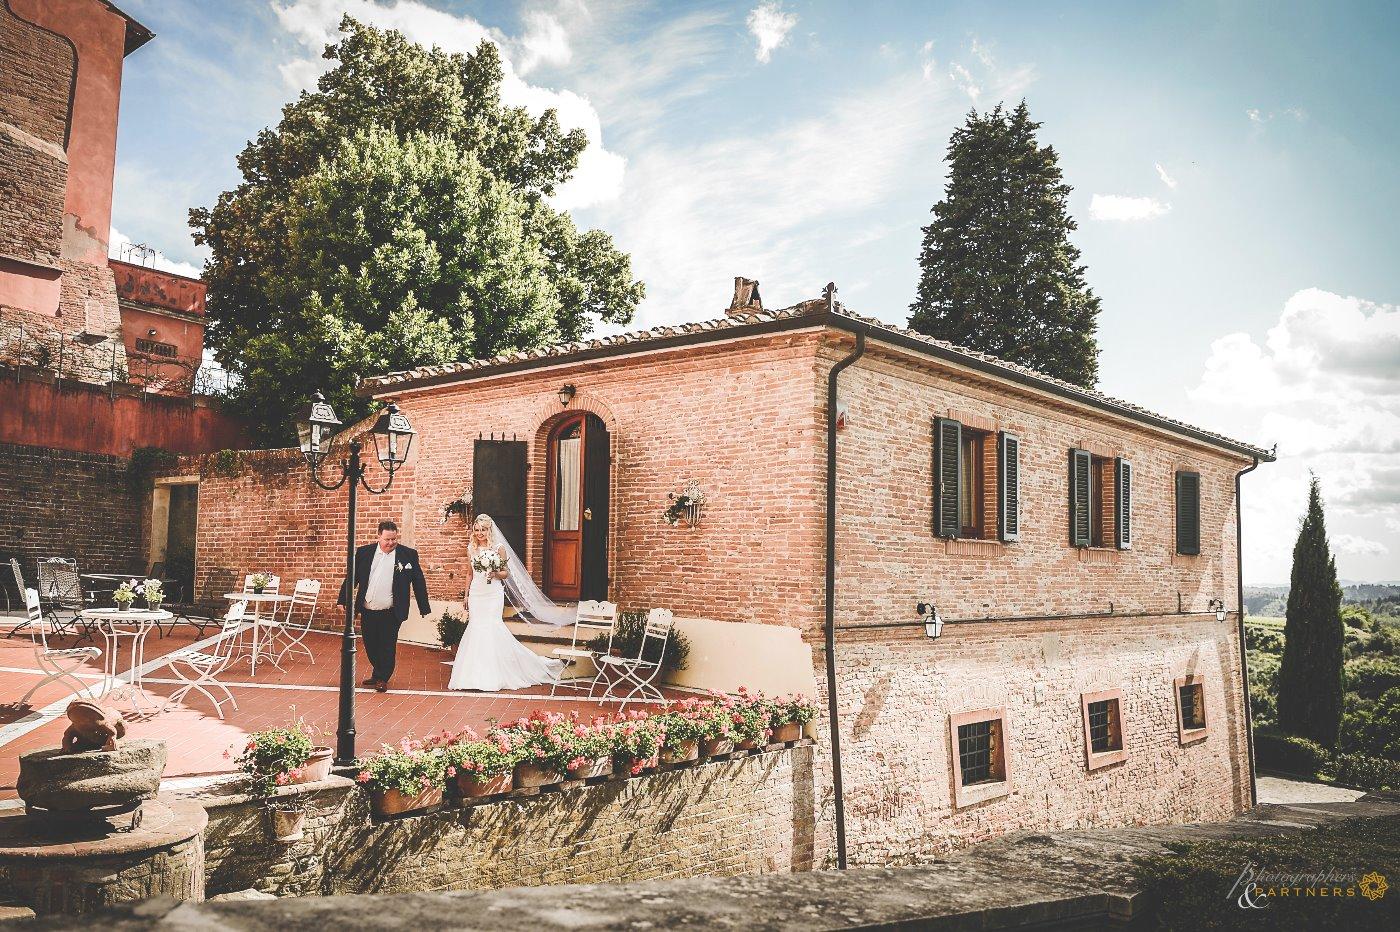 photography_weddings_bucciano_06.jpg